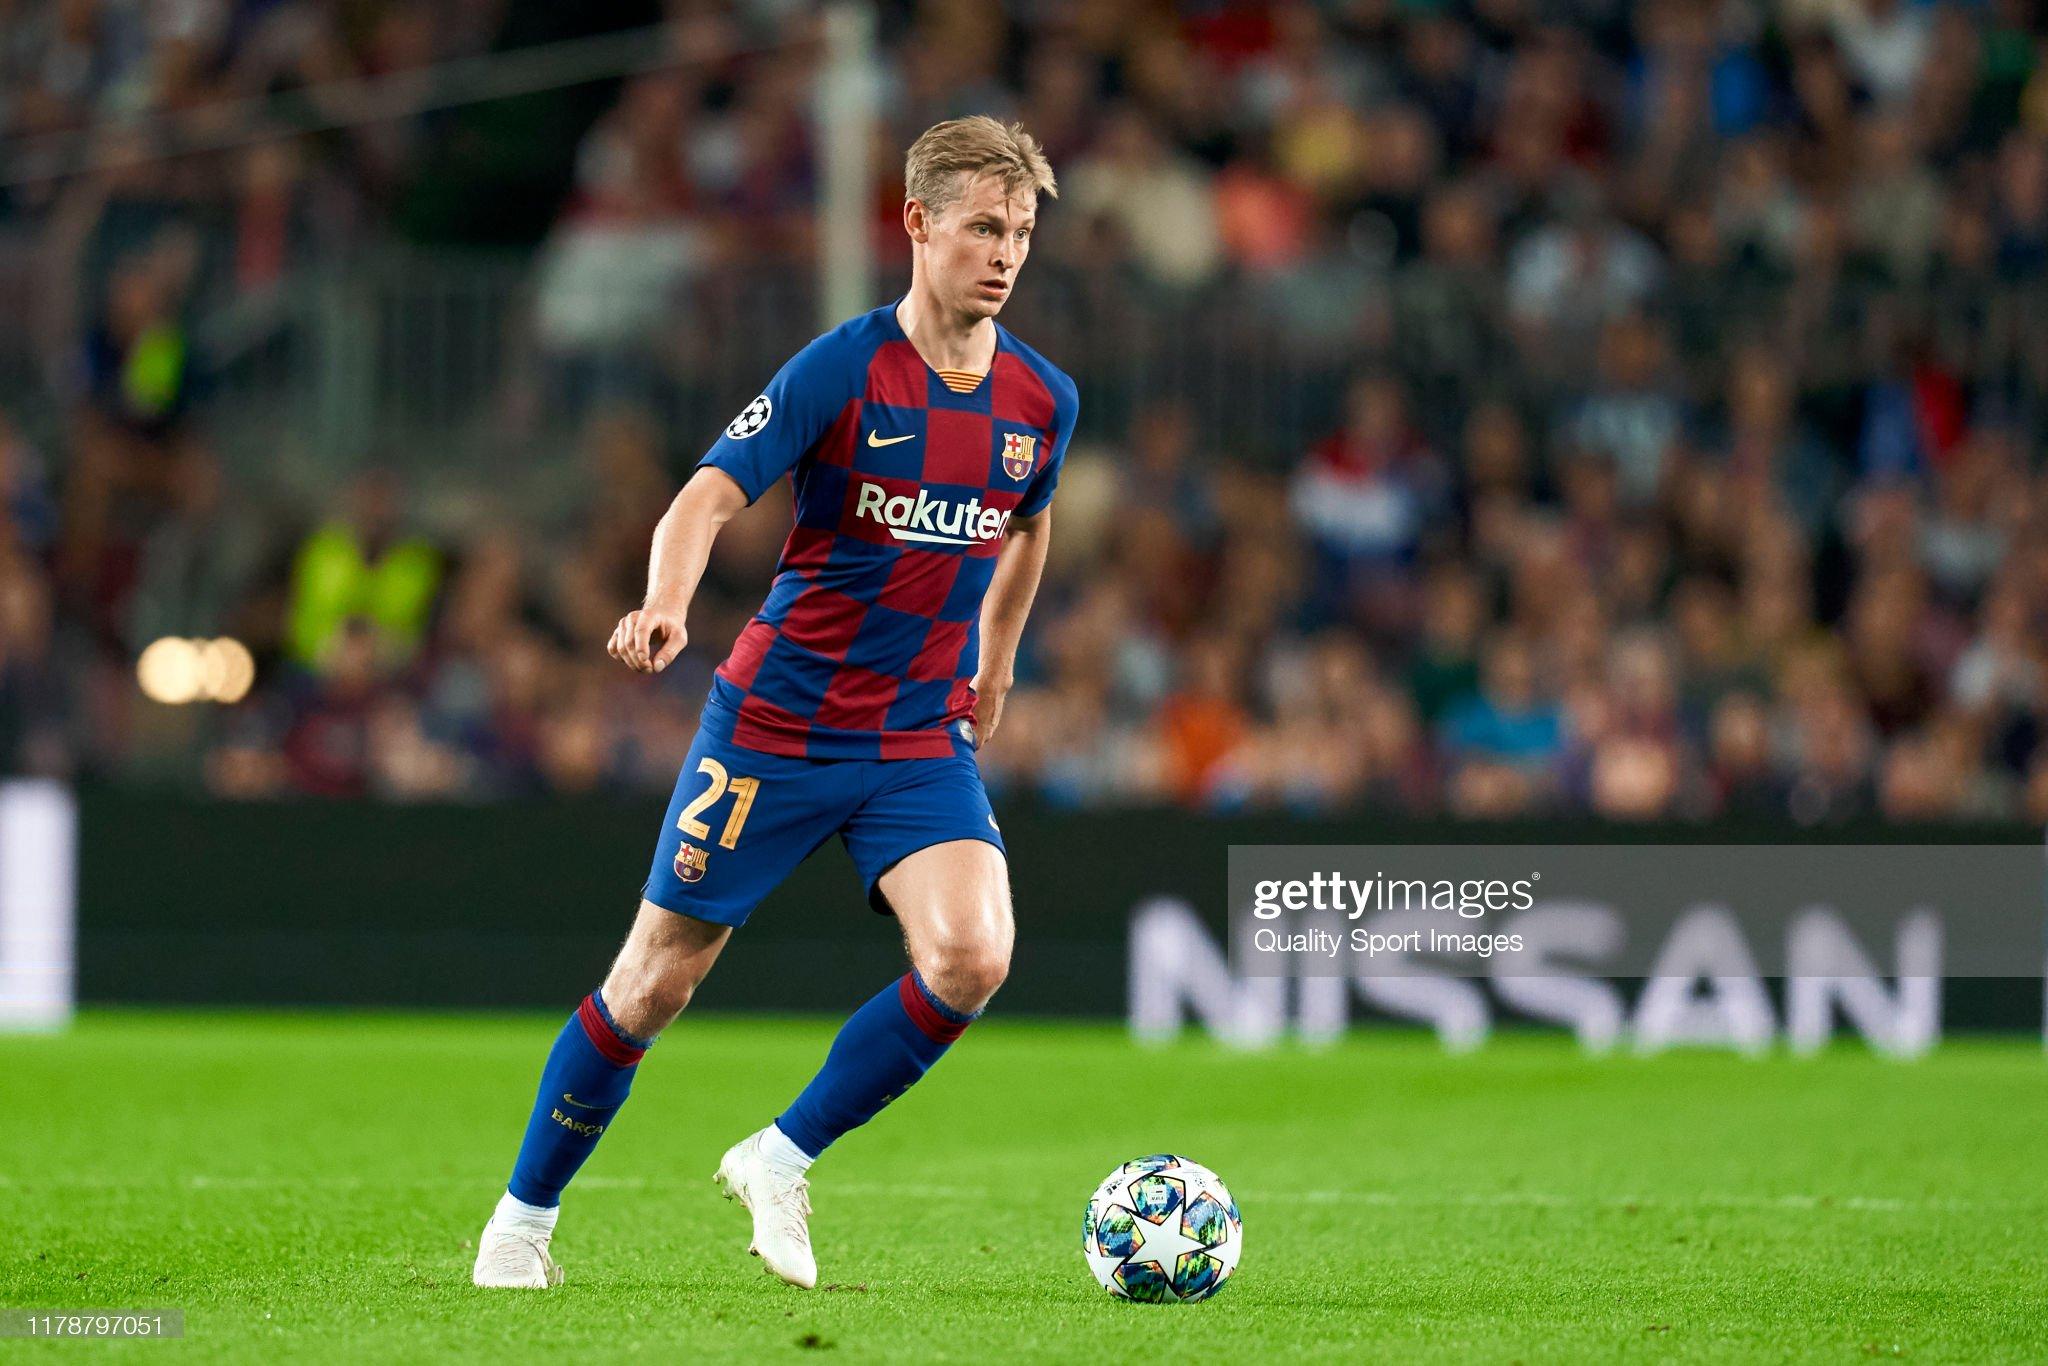 صور مباراة : برشلونة - إنتر 2-1 ( 02-10-2019 )  Frenkie-de-jong-of-fc-barcelona-with-the-ball-during-the-uefa-league-picture-id1178797051?s=2048x2048